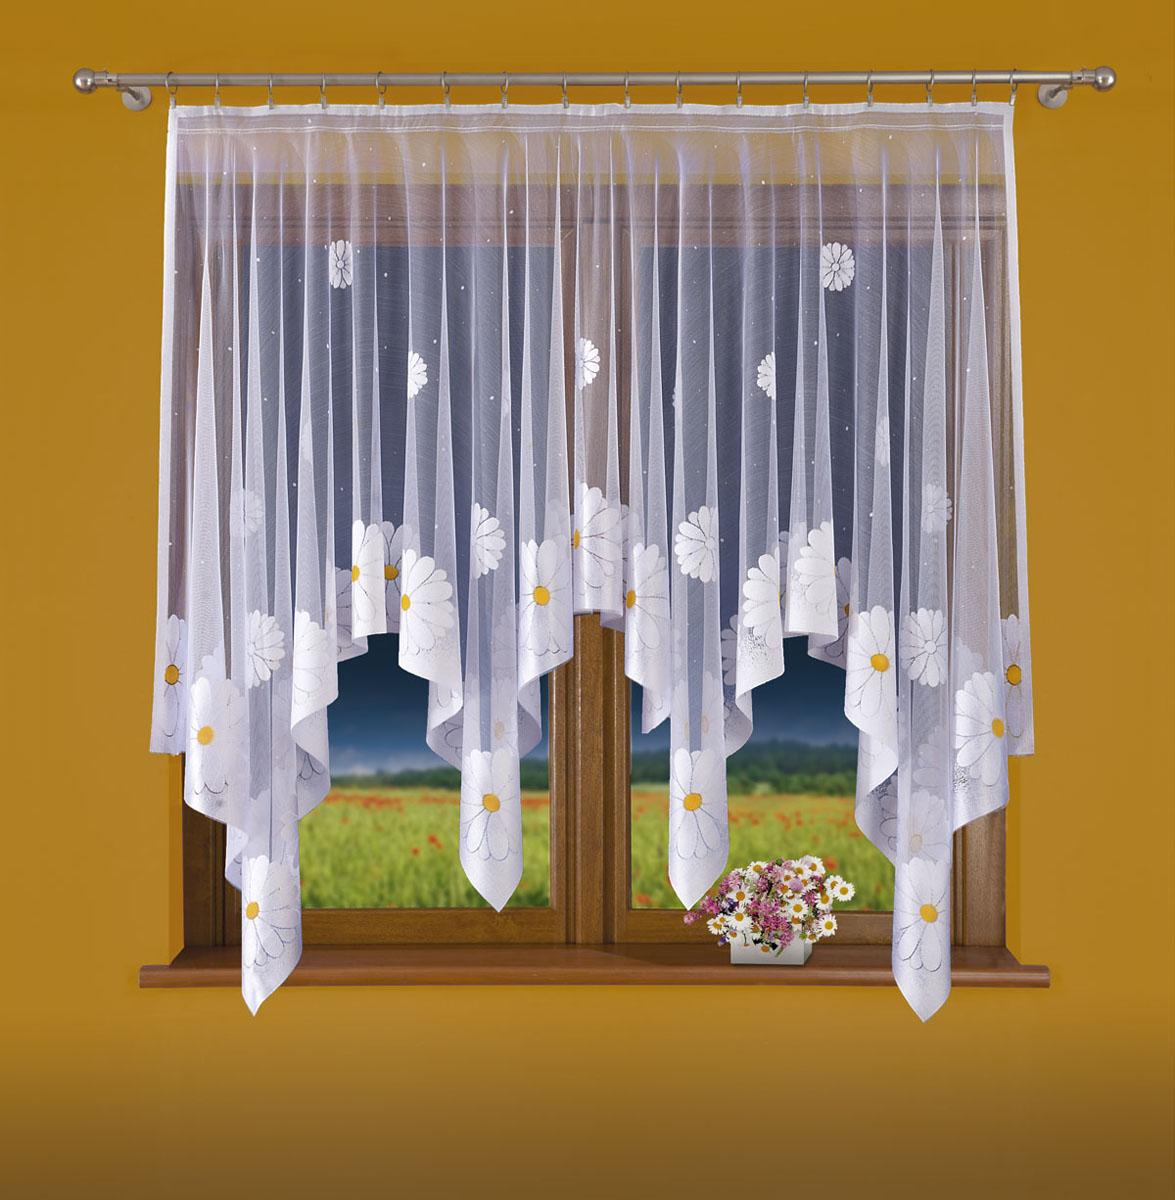 Гардина Wisan, цвет: белый, ширина 200 см, высота 160 см. 696Е696ЕГардина жаккардовая, крепление зажимы для штор. Размеры: 200*160